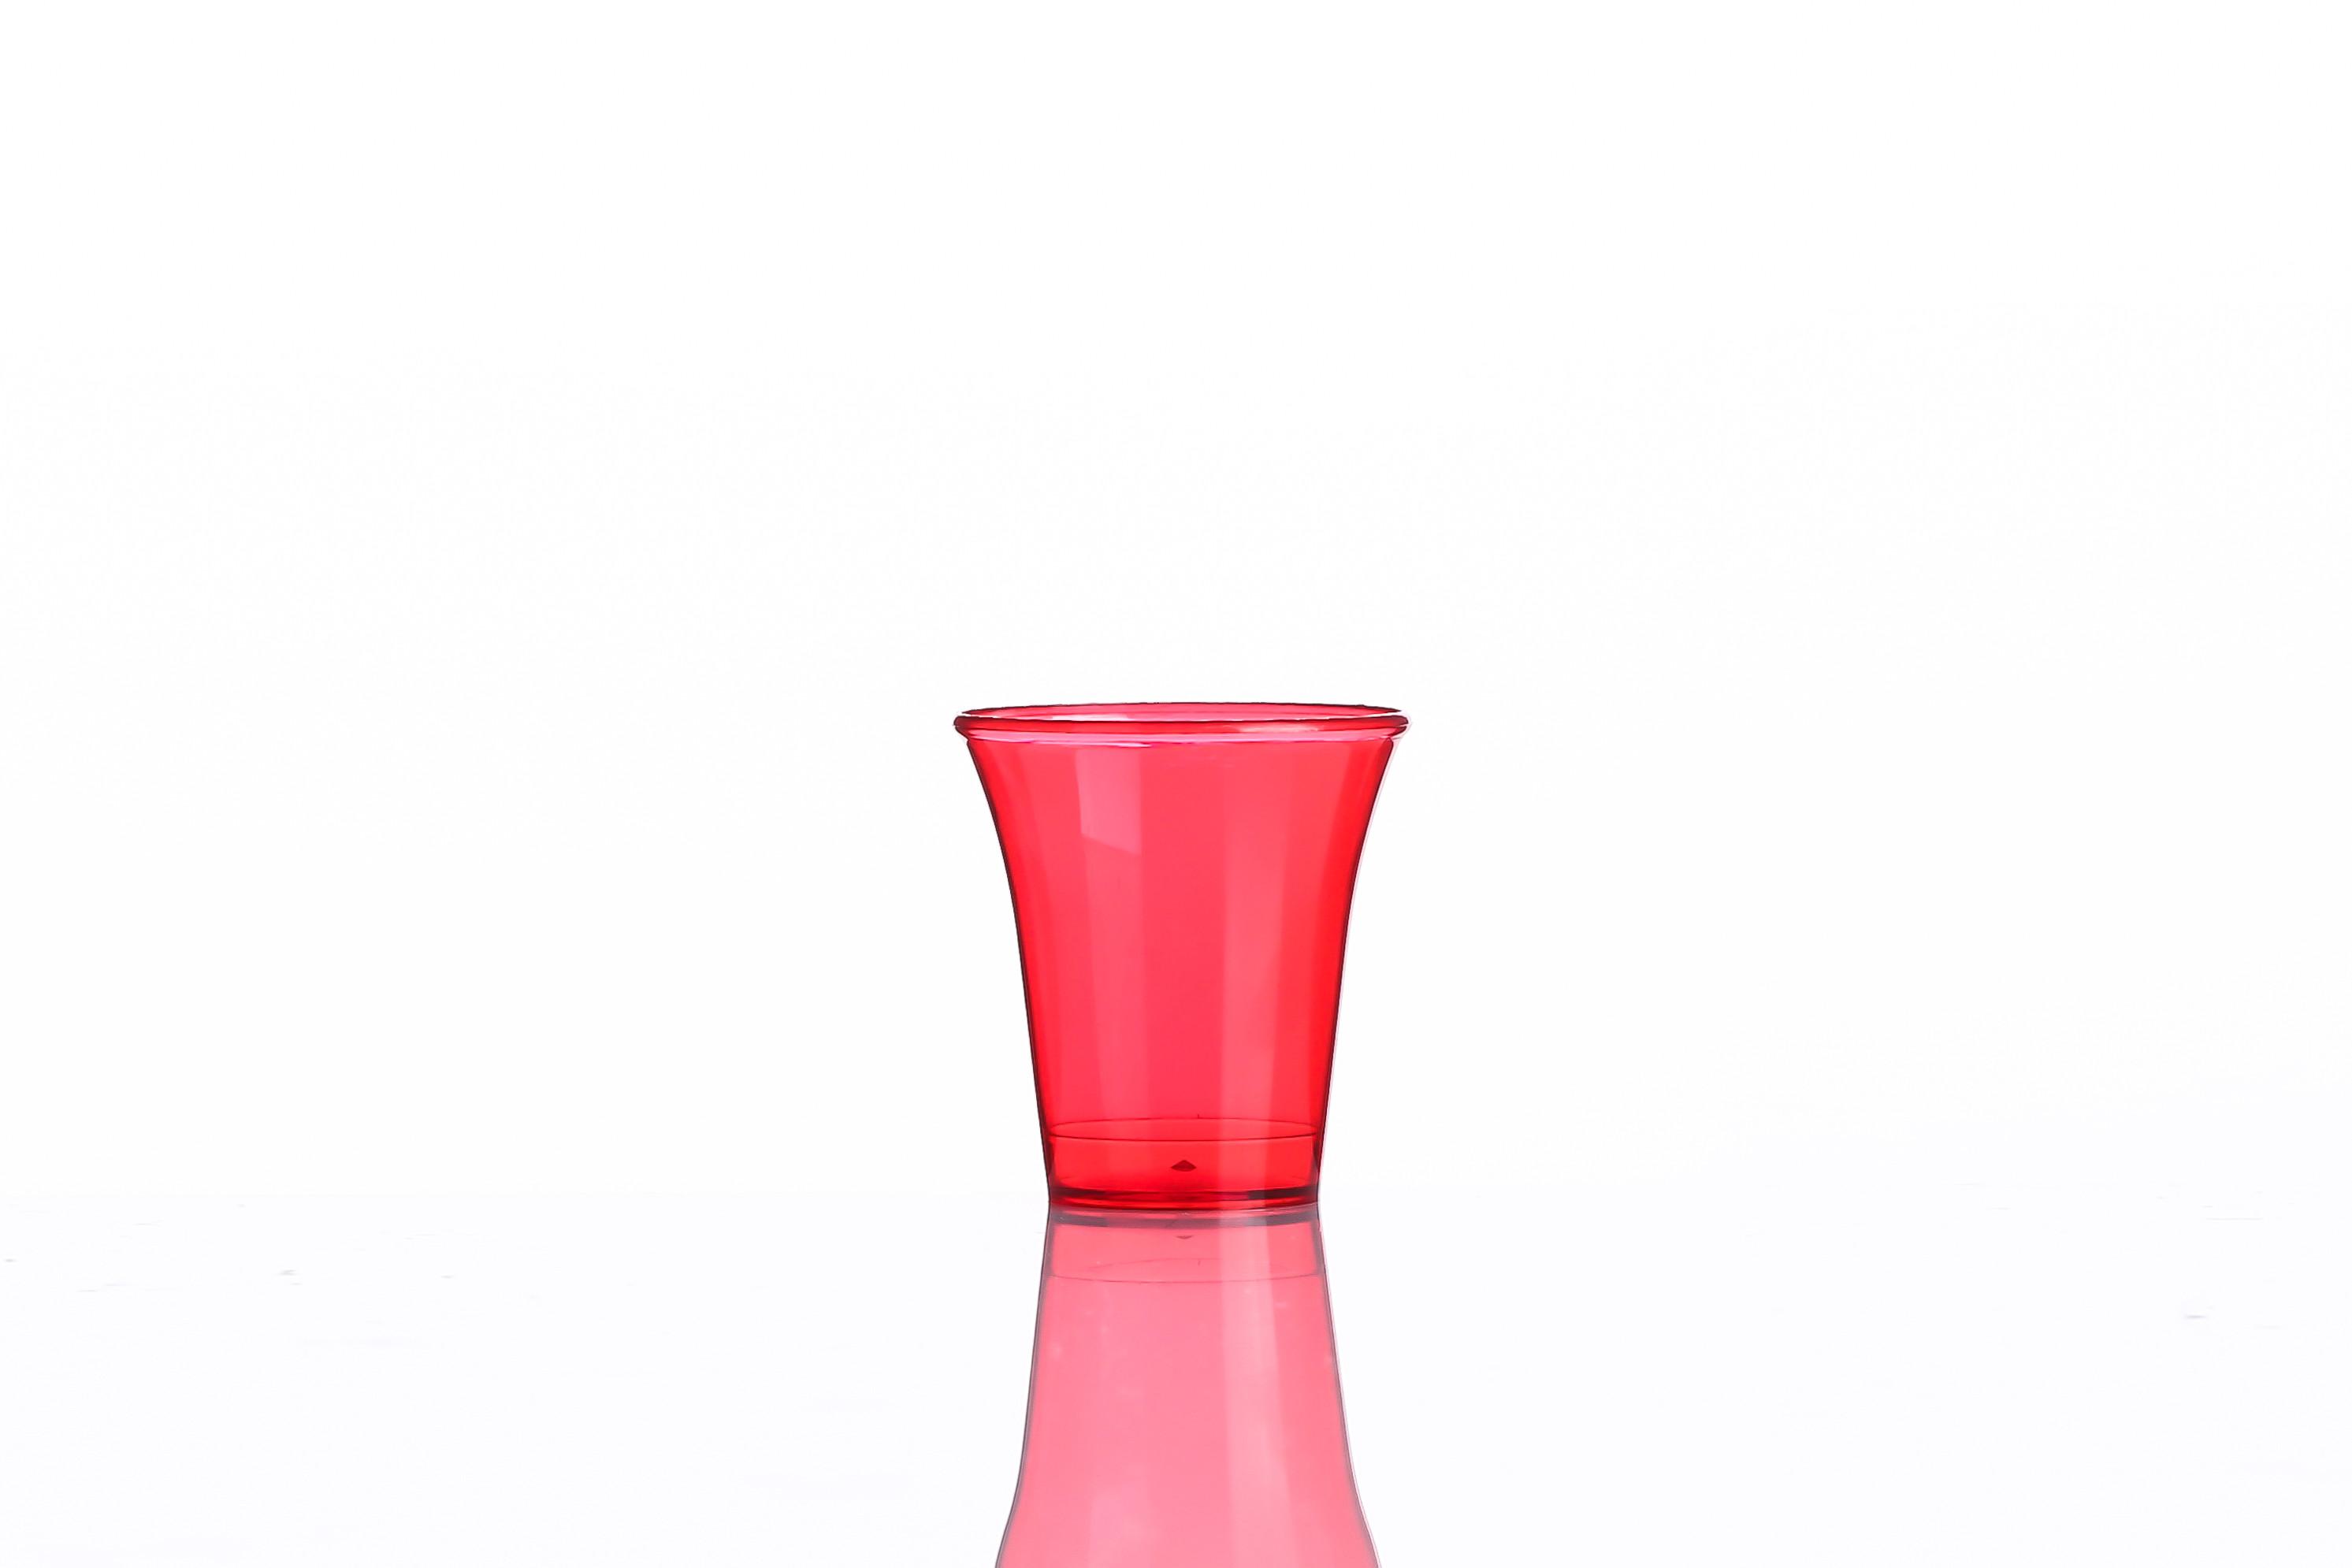 0.75 oz communion cups